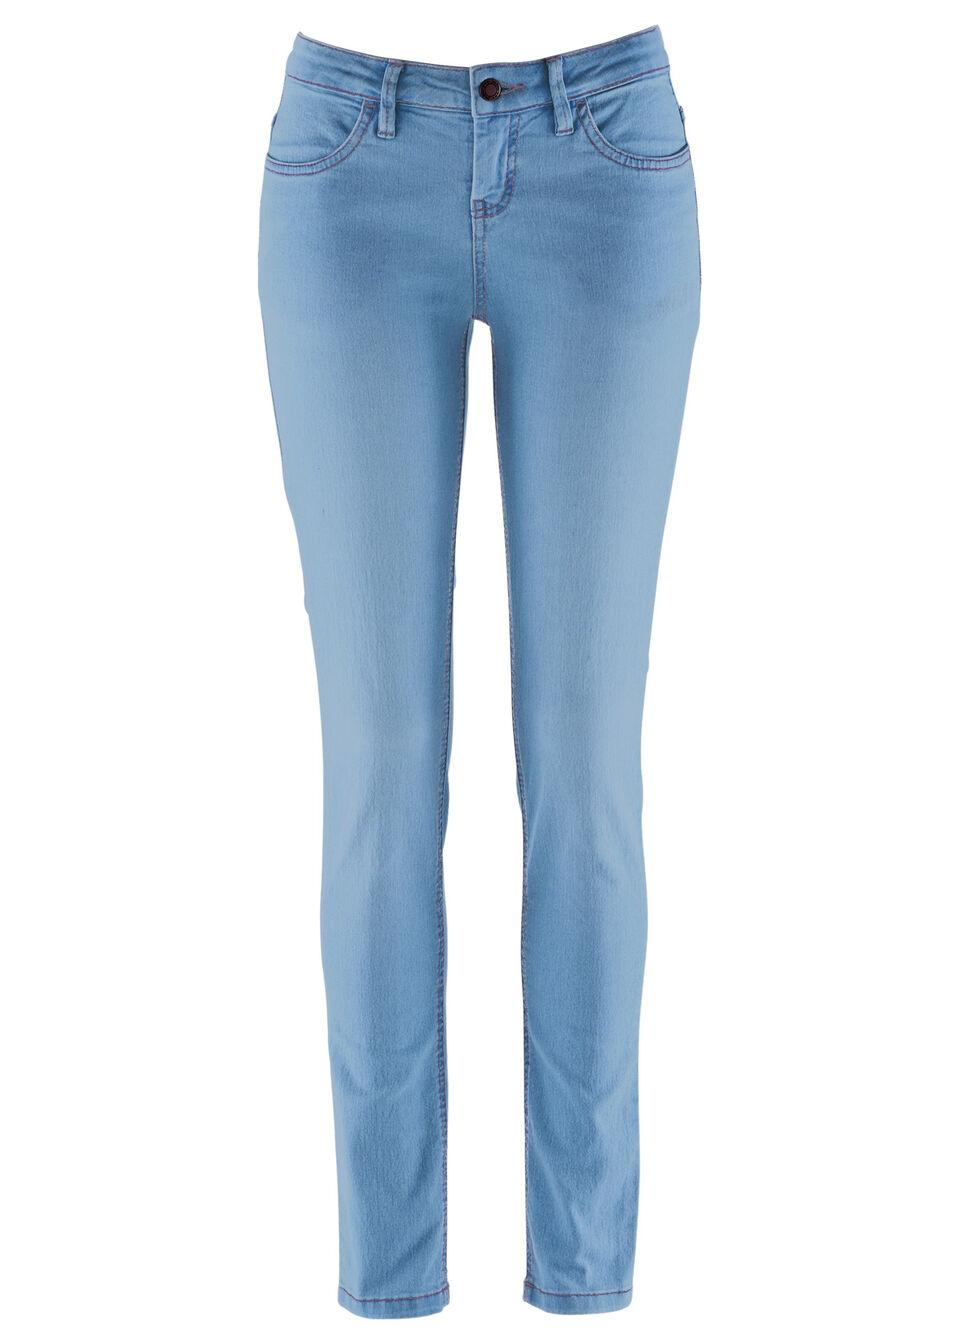 Wygodne dżinsy ze stretchem SKINNY bonprix jasnoniebieski